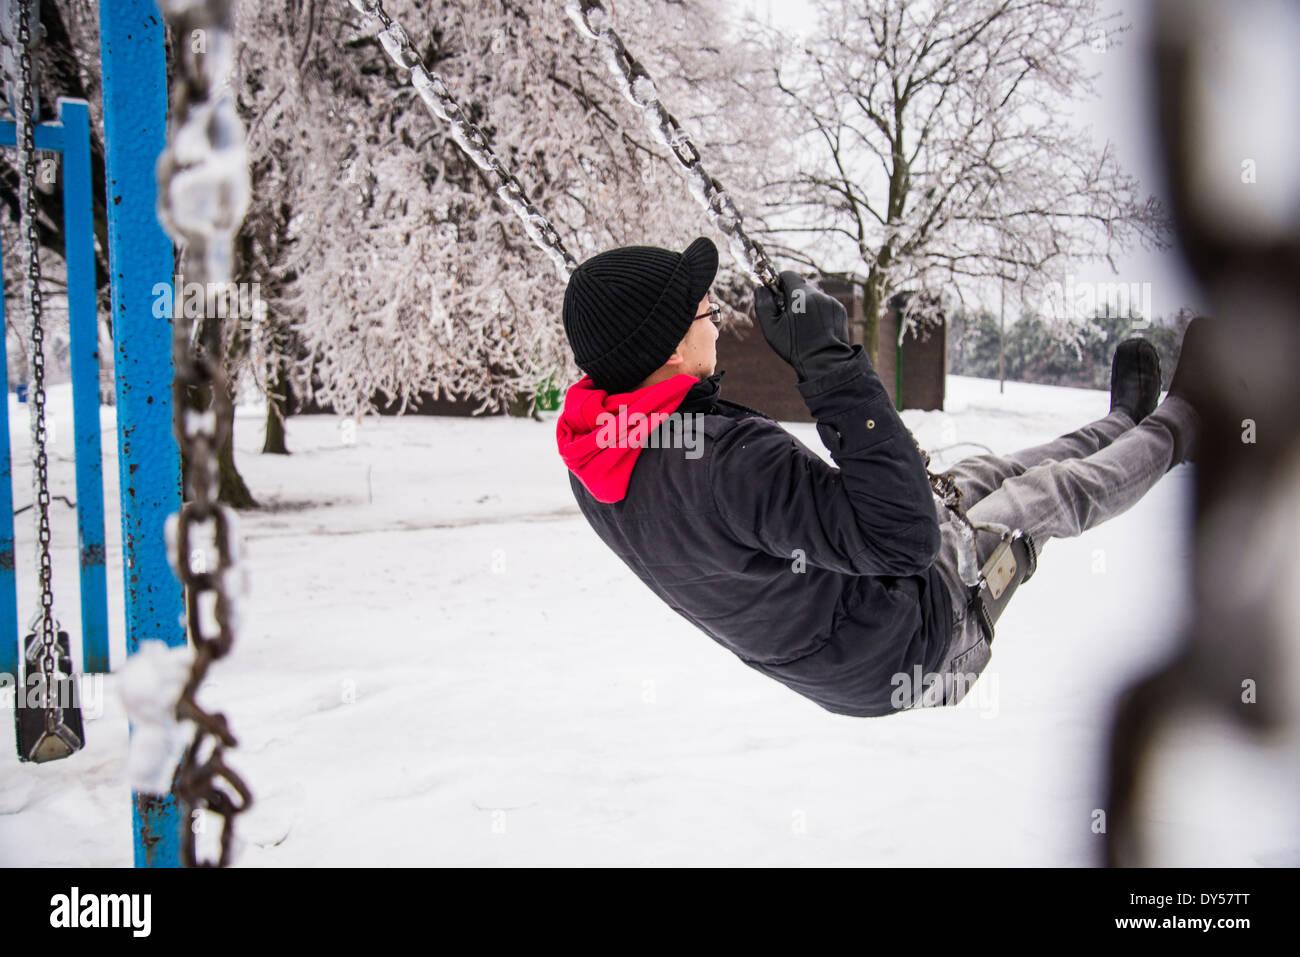 Jeune homme jouant sur park balançoire à -30 degrés celcius Photo Stock